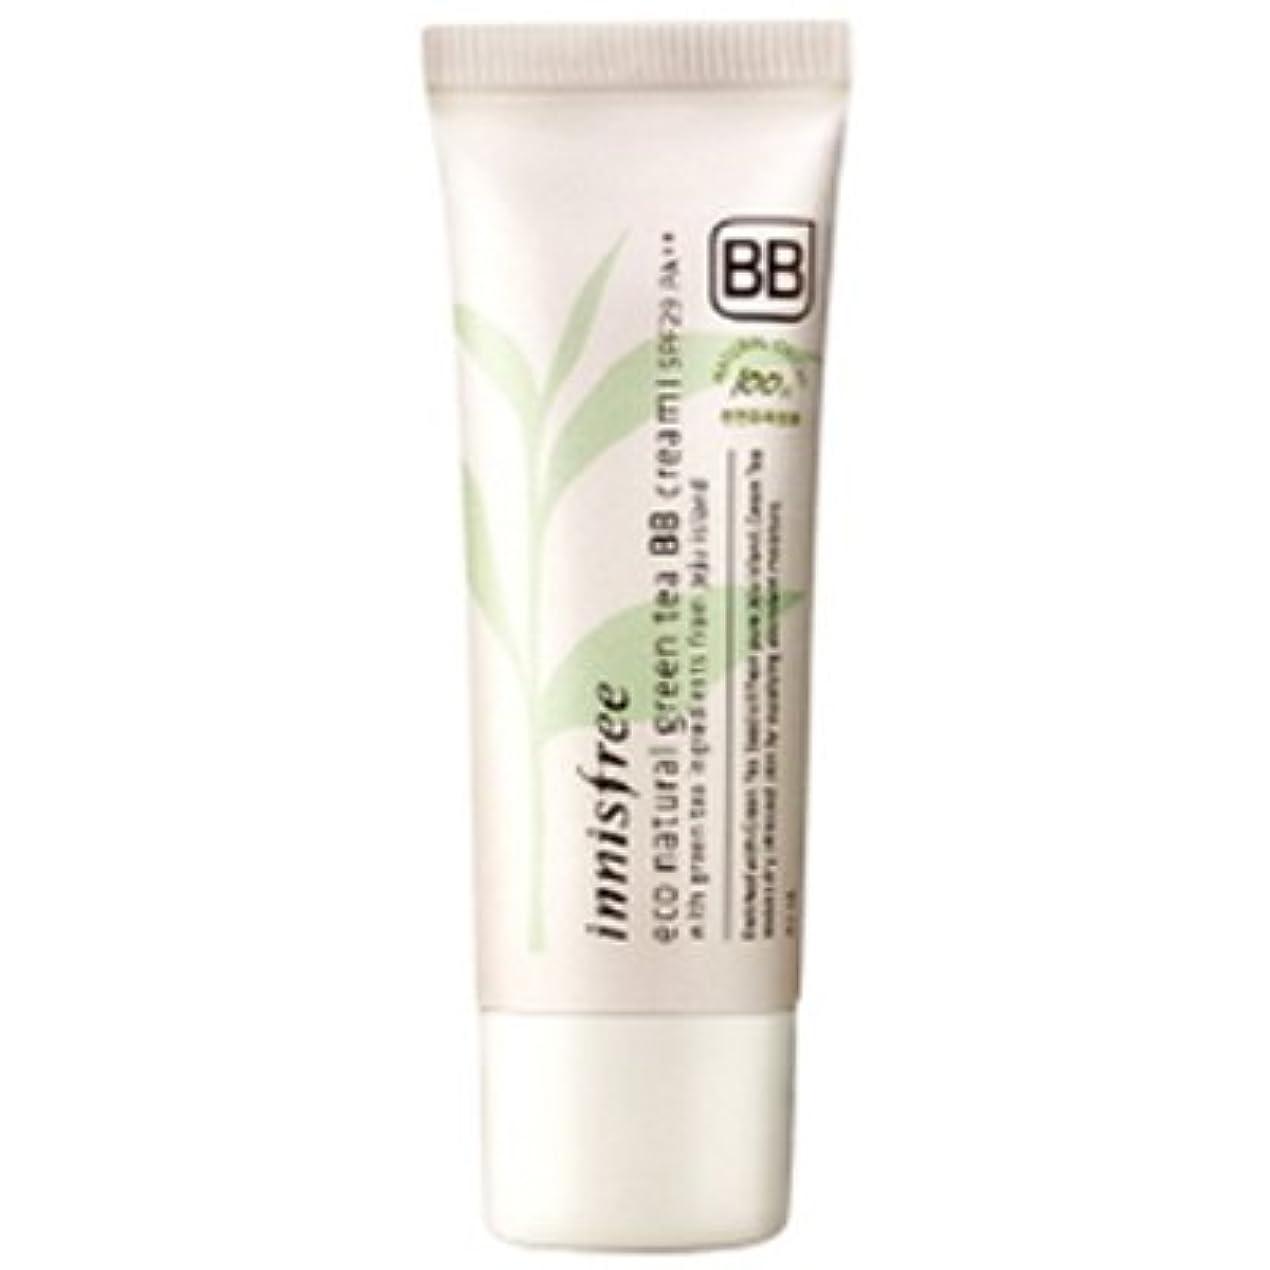 パスタサーフィン精神医学innisfree(イニスフリー) Eco natural green tea BB cream エコ ナチュラル グリーン ティー BB クリーム SPF29/PA++ 40ml #1:ライトベージュ